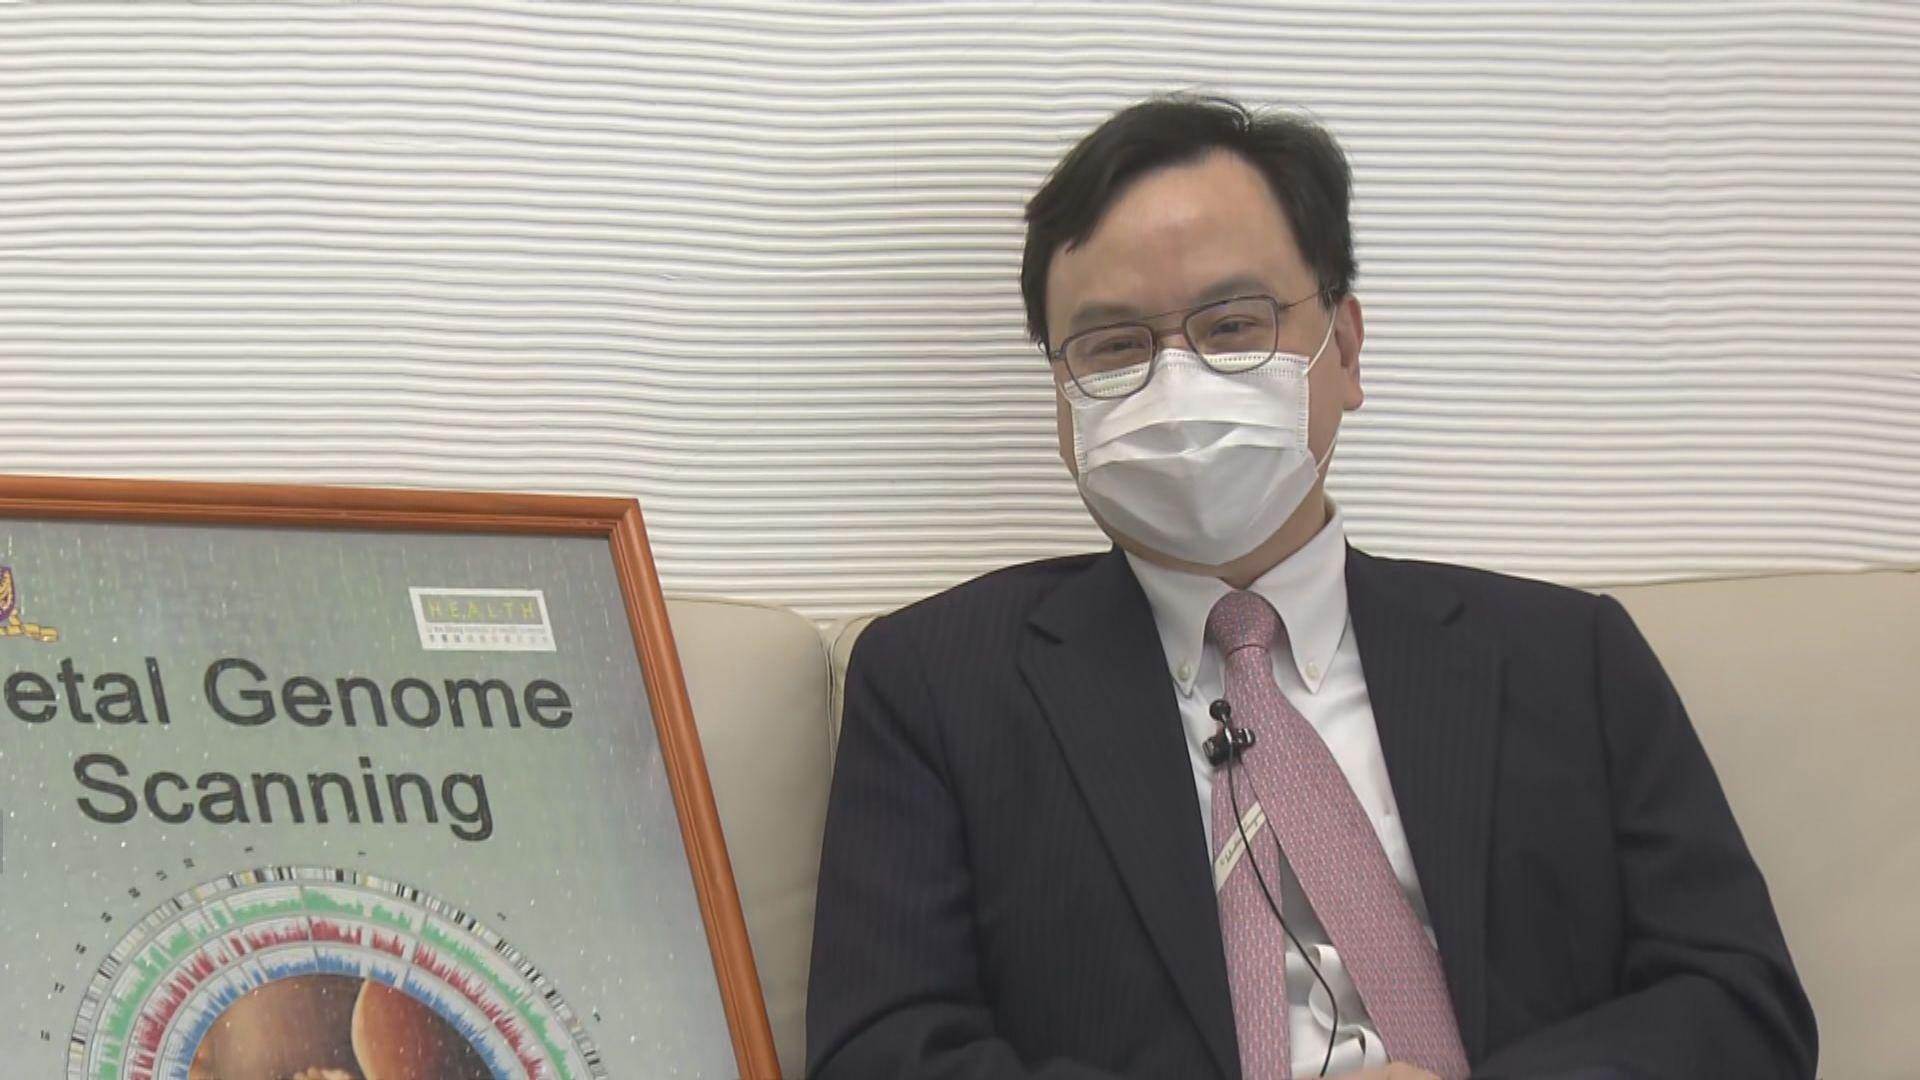 中大醫學院盧煜明獲科學突破獎 表揚其研發無創產前診斷技術